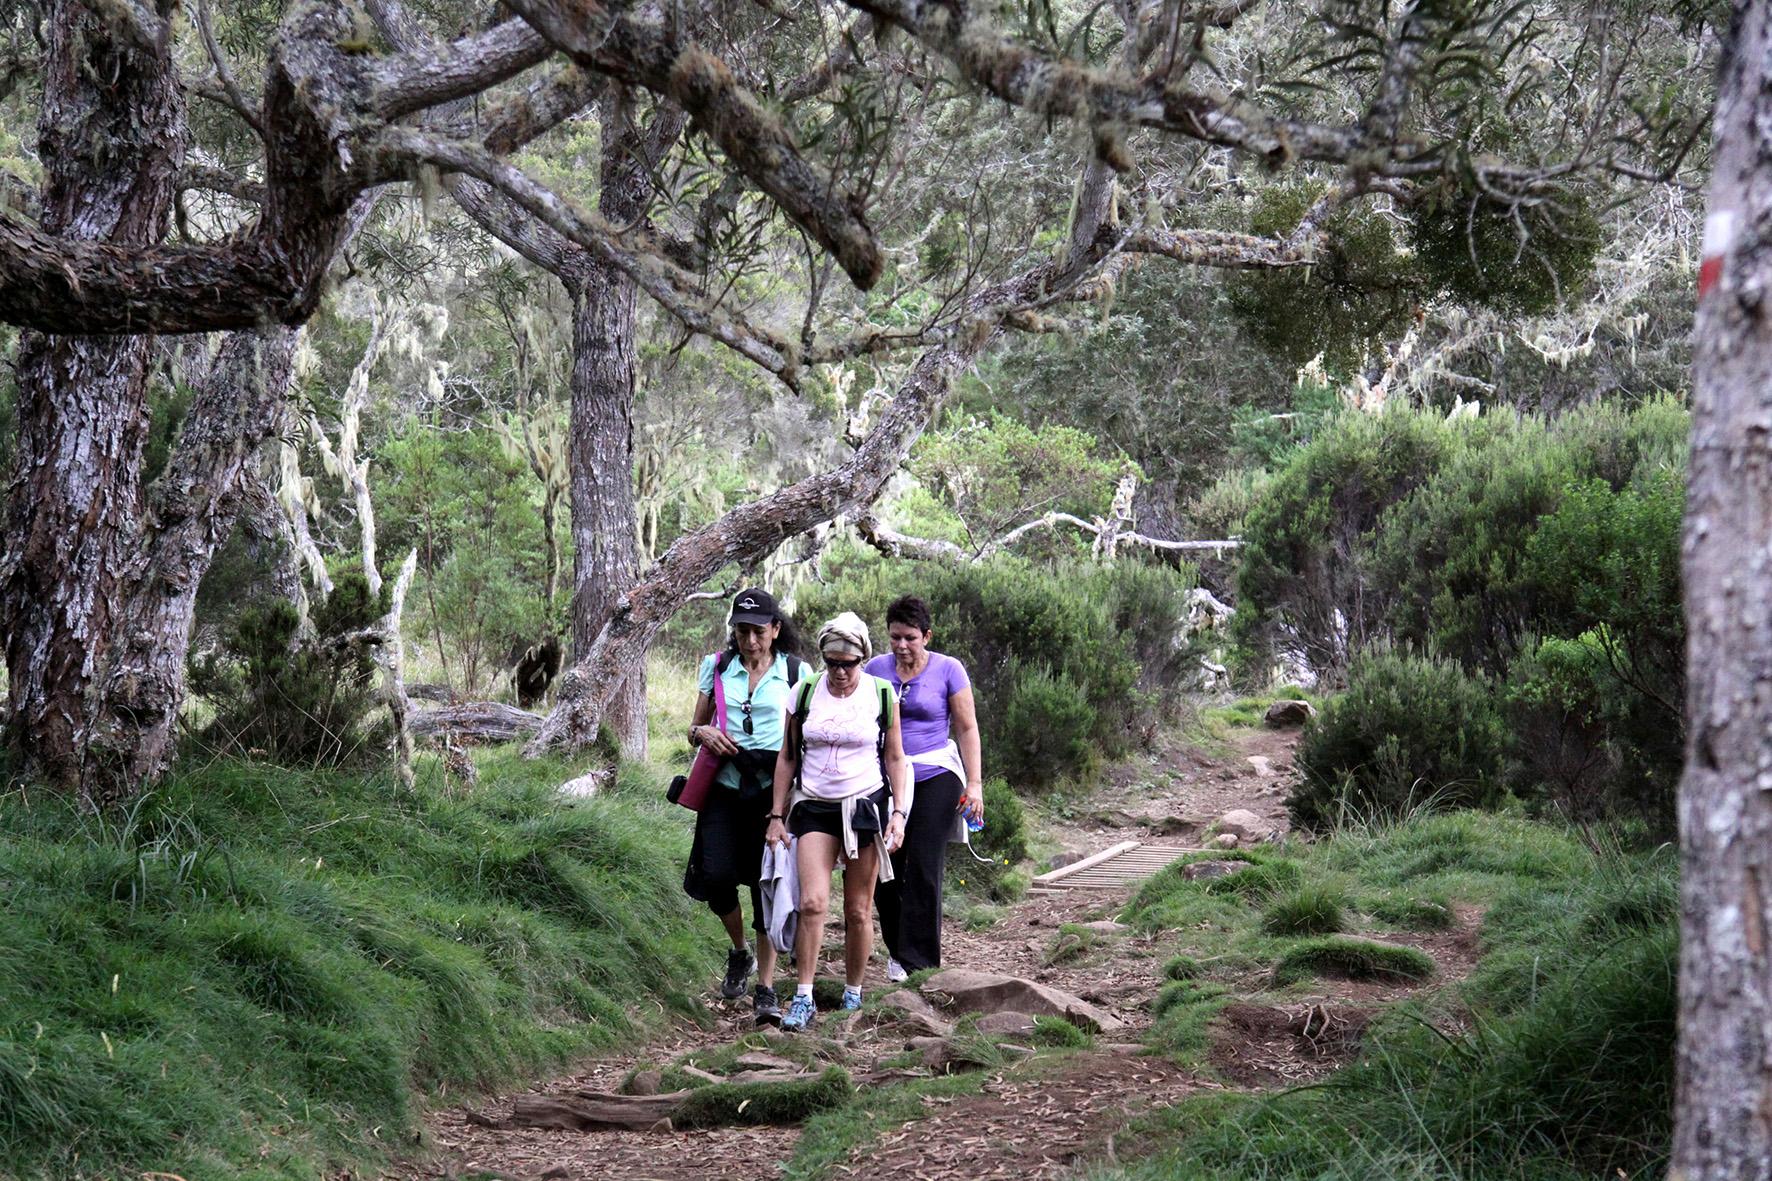 La Réunion, paradis des randonneurs. En parallèle, il est à noter que les gîtes de randonnée du GR peuvent être réservées sur explorelareunion.com